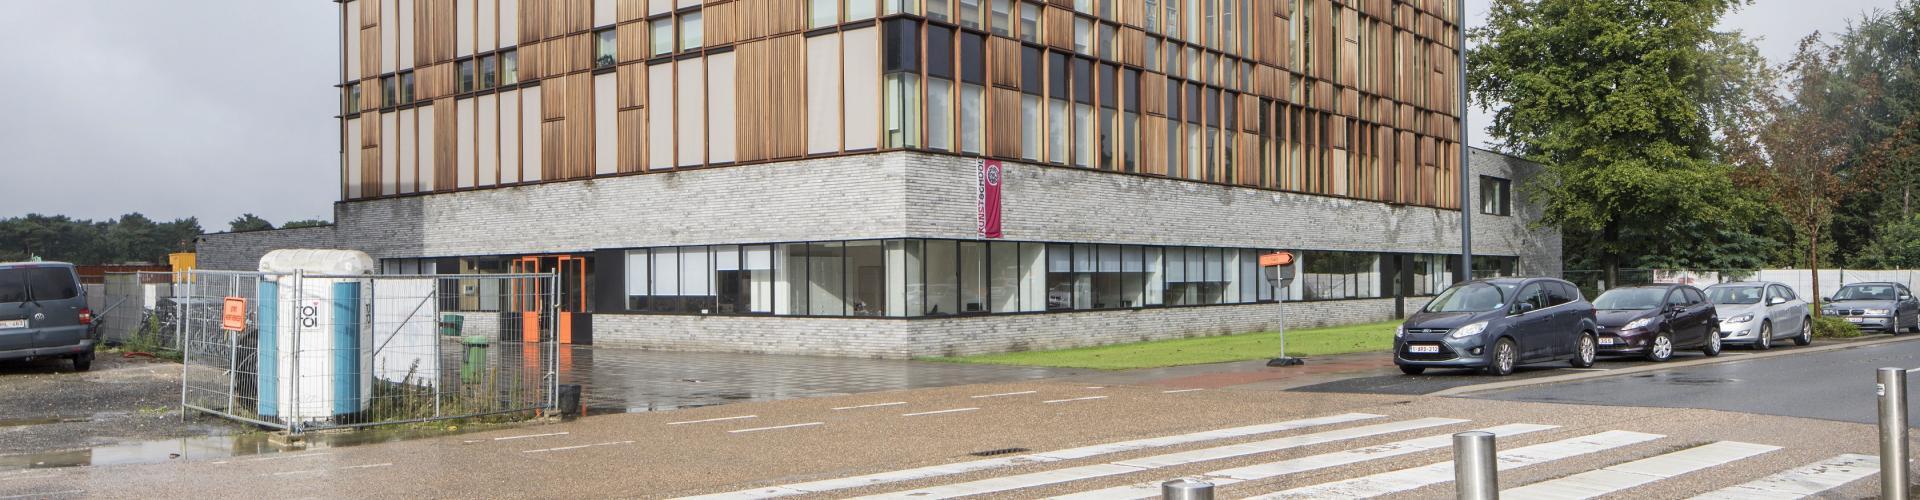 Kunstschool Genk - KASOG vzw